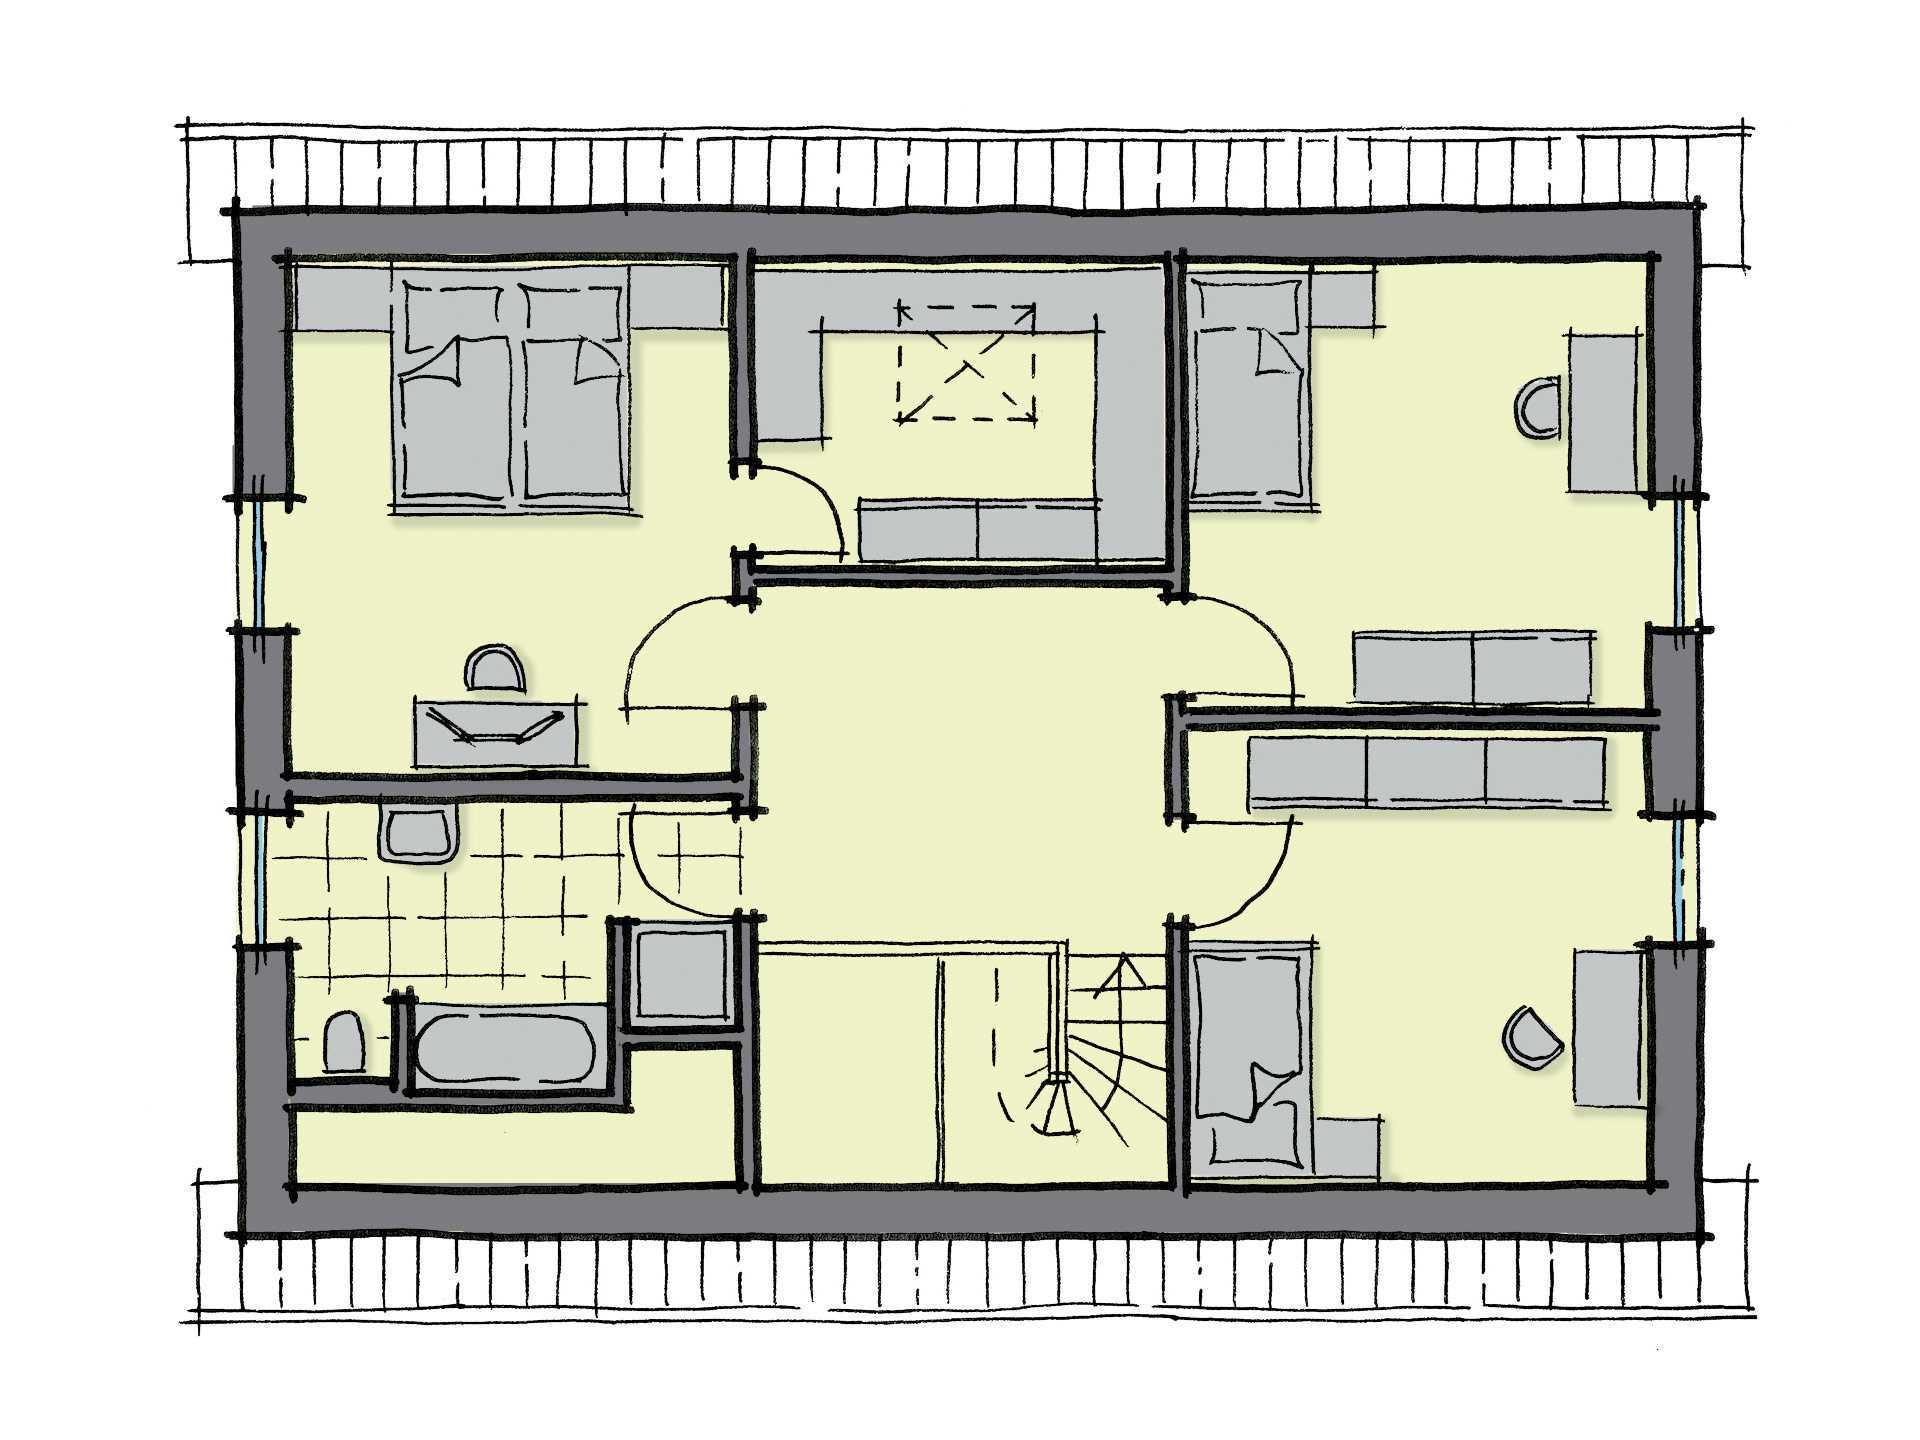 Grundriss Dachgeschoss Einfamilienhaus Lindenallee Variante 1 GUSSEK HAUS